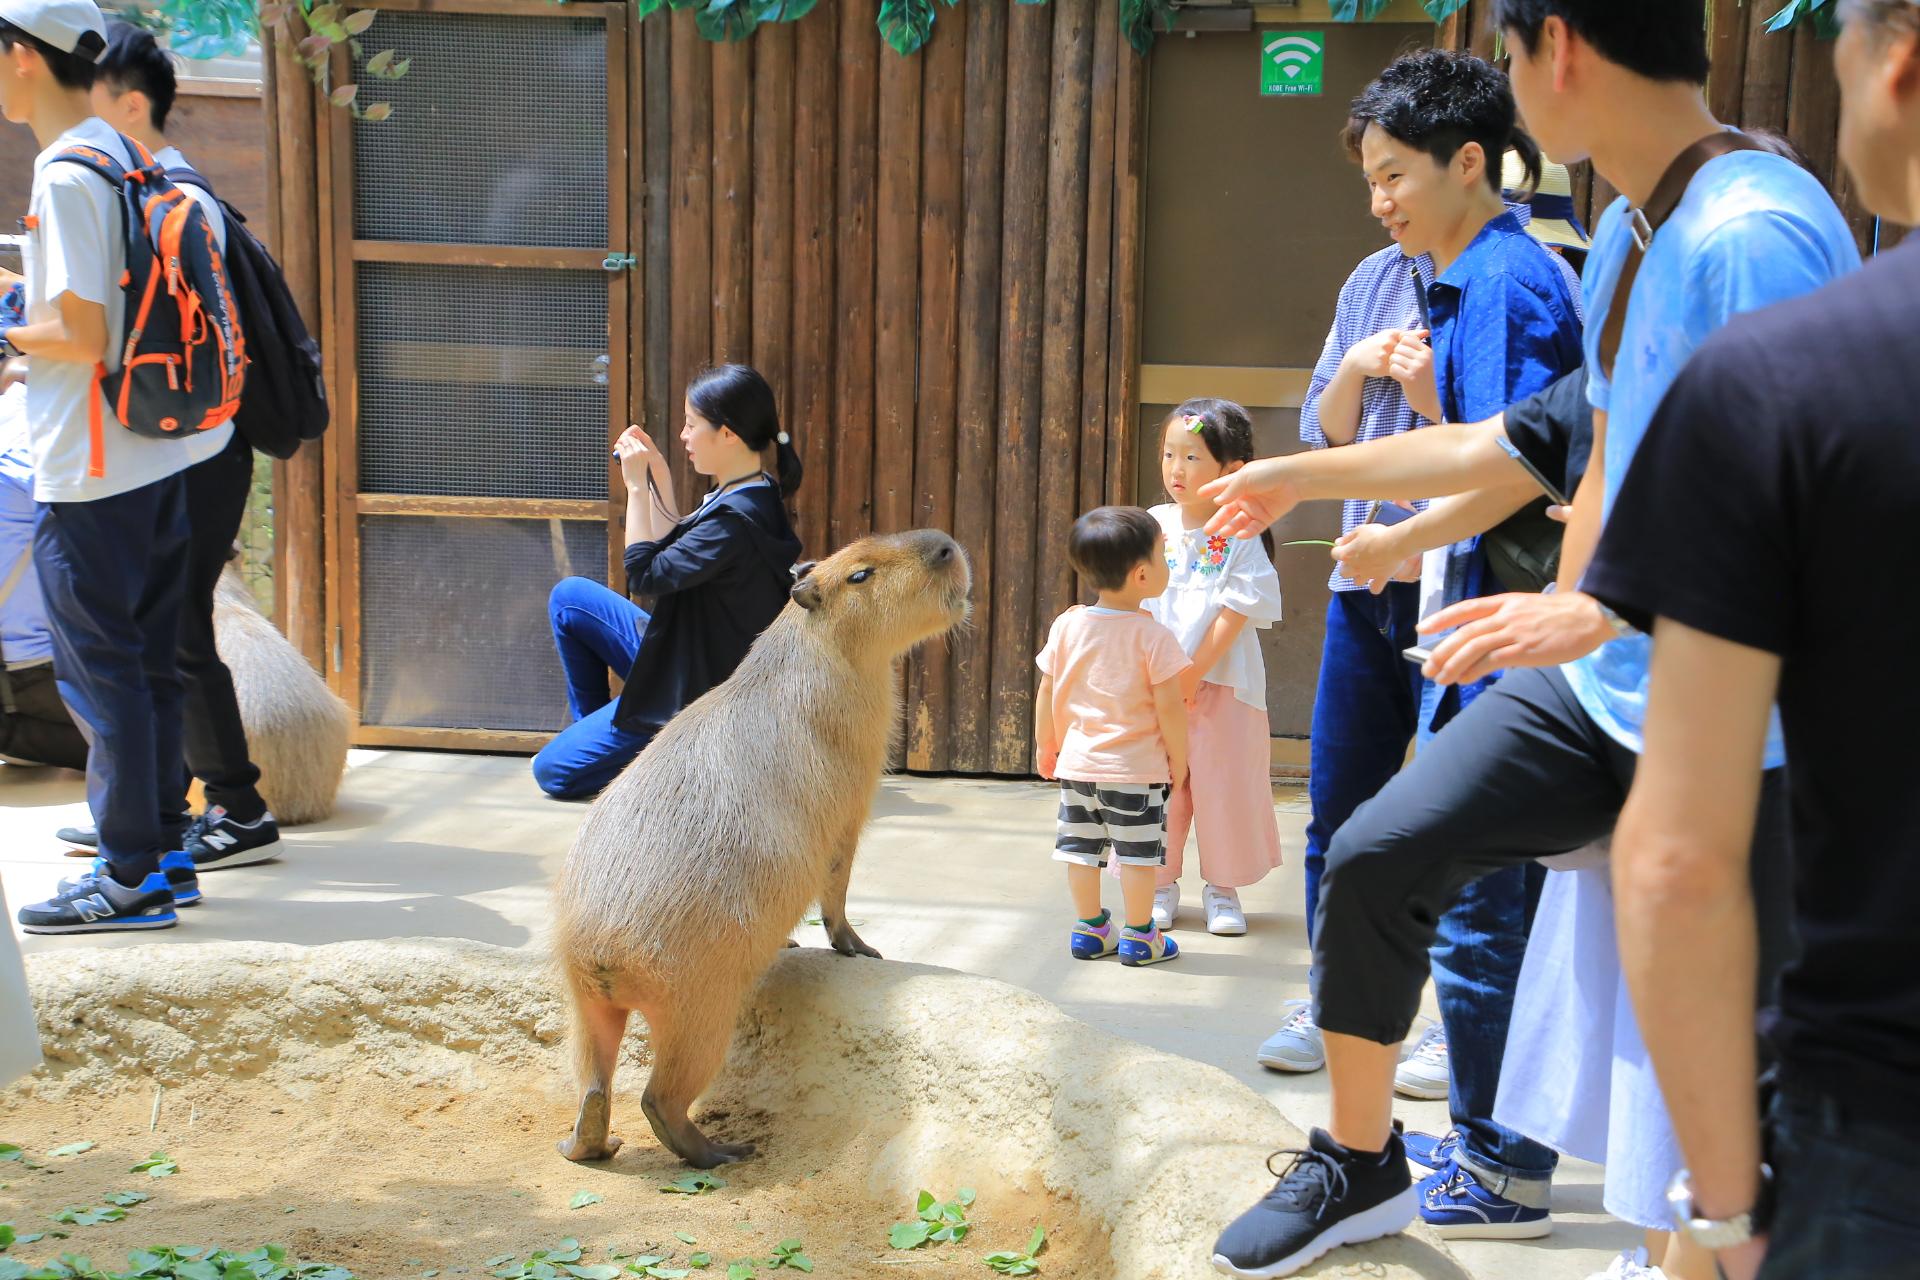 【神戶動物王國】親子一日遊必去景點,水豚君超萌的~抱一隻回家 @小環妞 幸福足跡